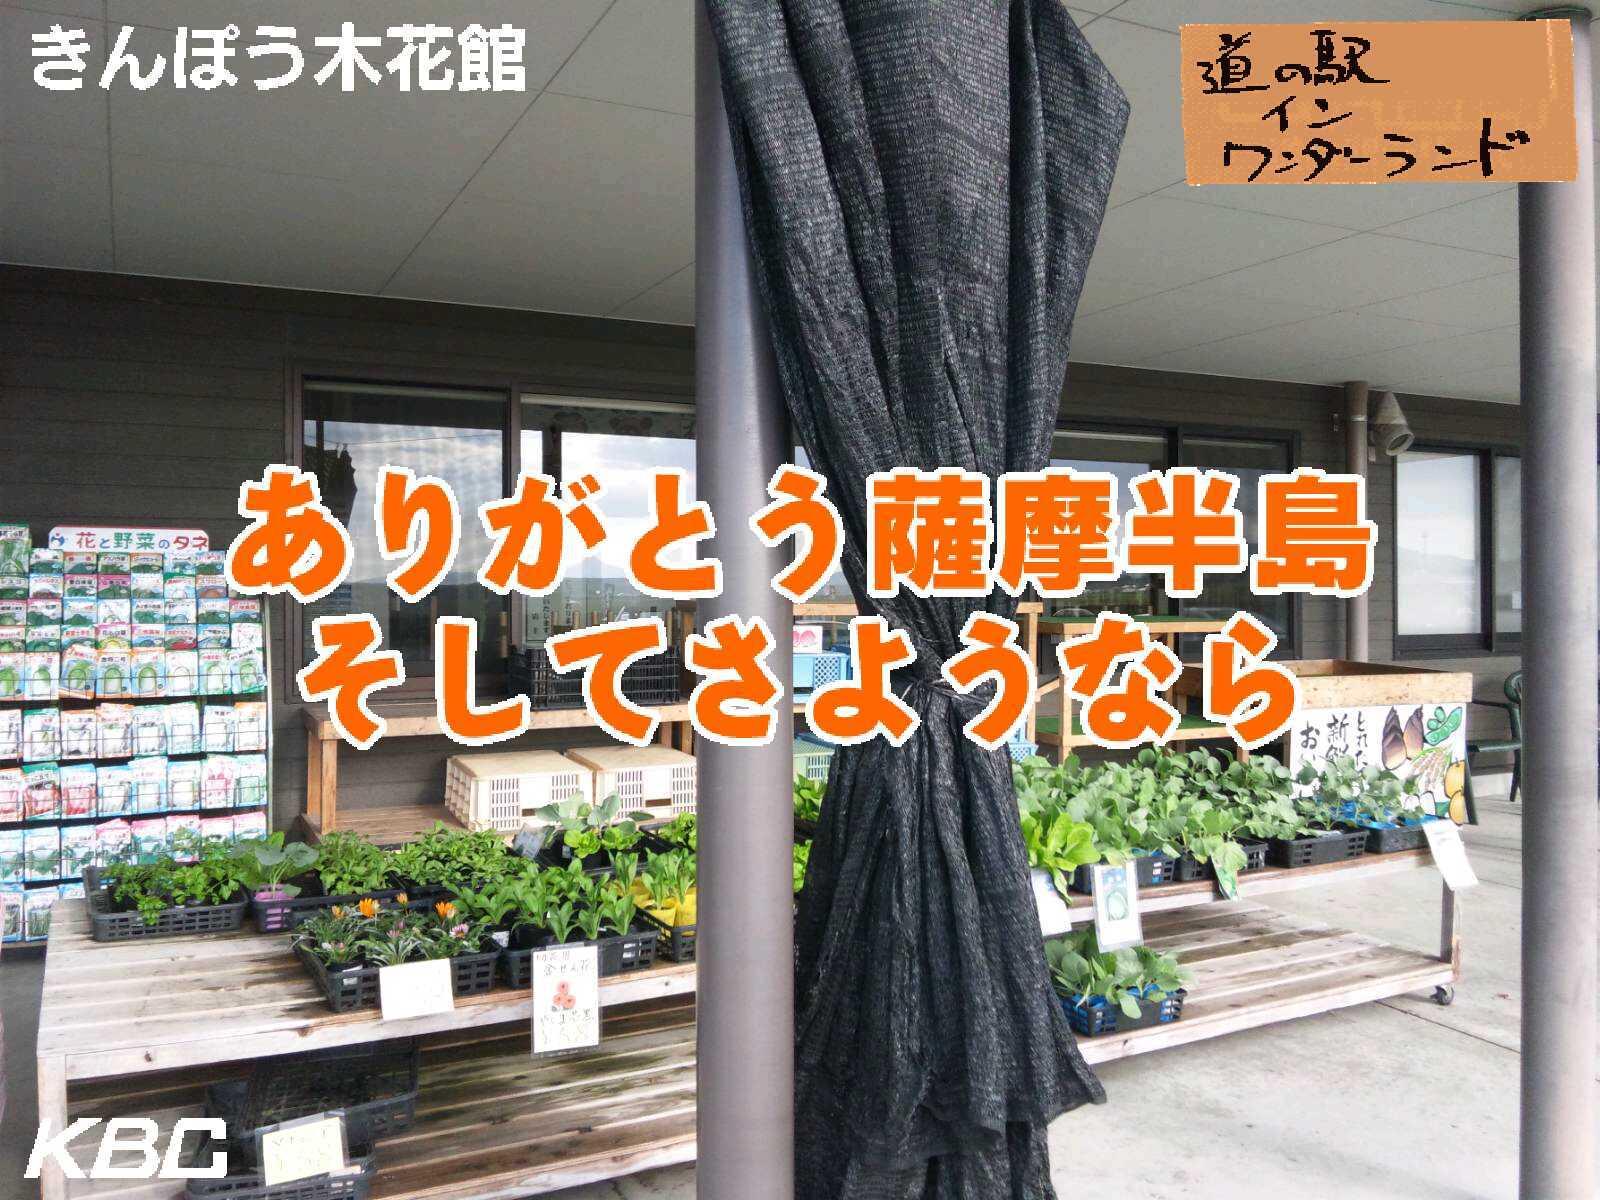 きんぽう木花館